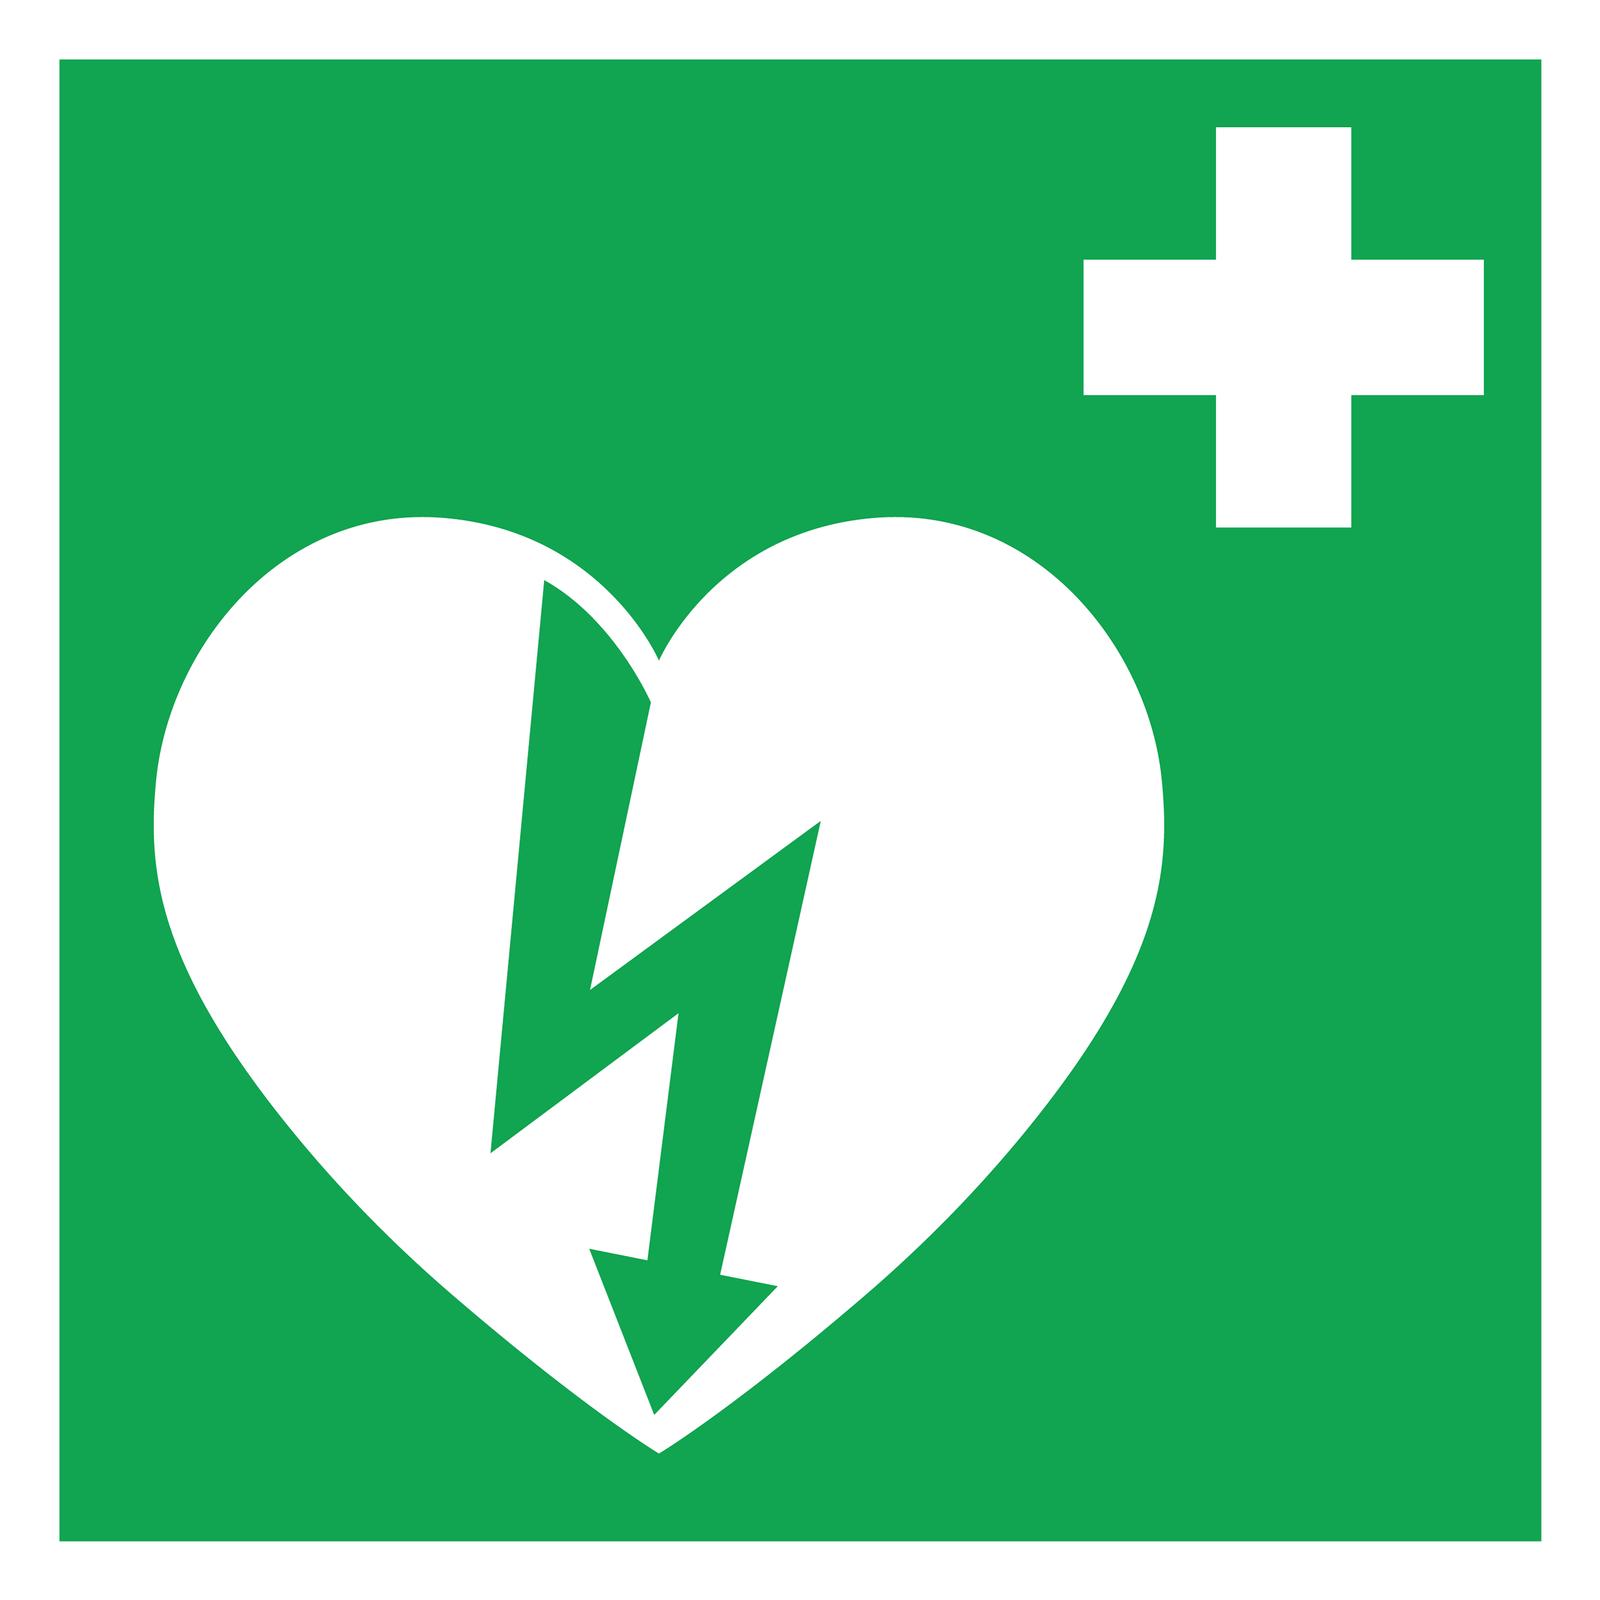 Ilustracja przedstawia zielony kwadrat. Wgórnym prawym rogu biały krzyż. Krzyż orównych ramionach. Poniżej, białe serce zajmujące dwie trzecie kwadratu po lewej stronie. Na środku serca zielona błyskawica. Grot błyskawicy sięga do dolnego rogu serca. Górna część błyskawicy sięga do lewego półkola serca.